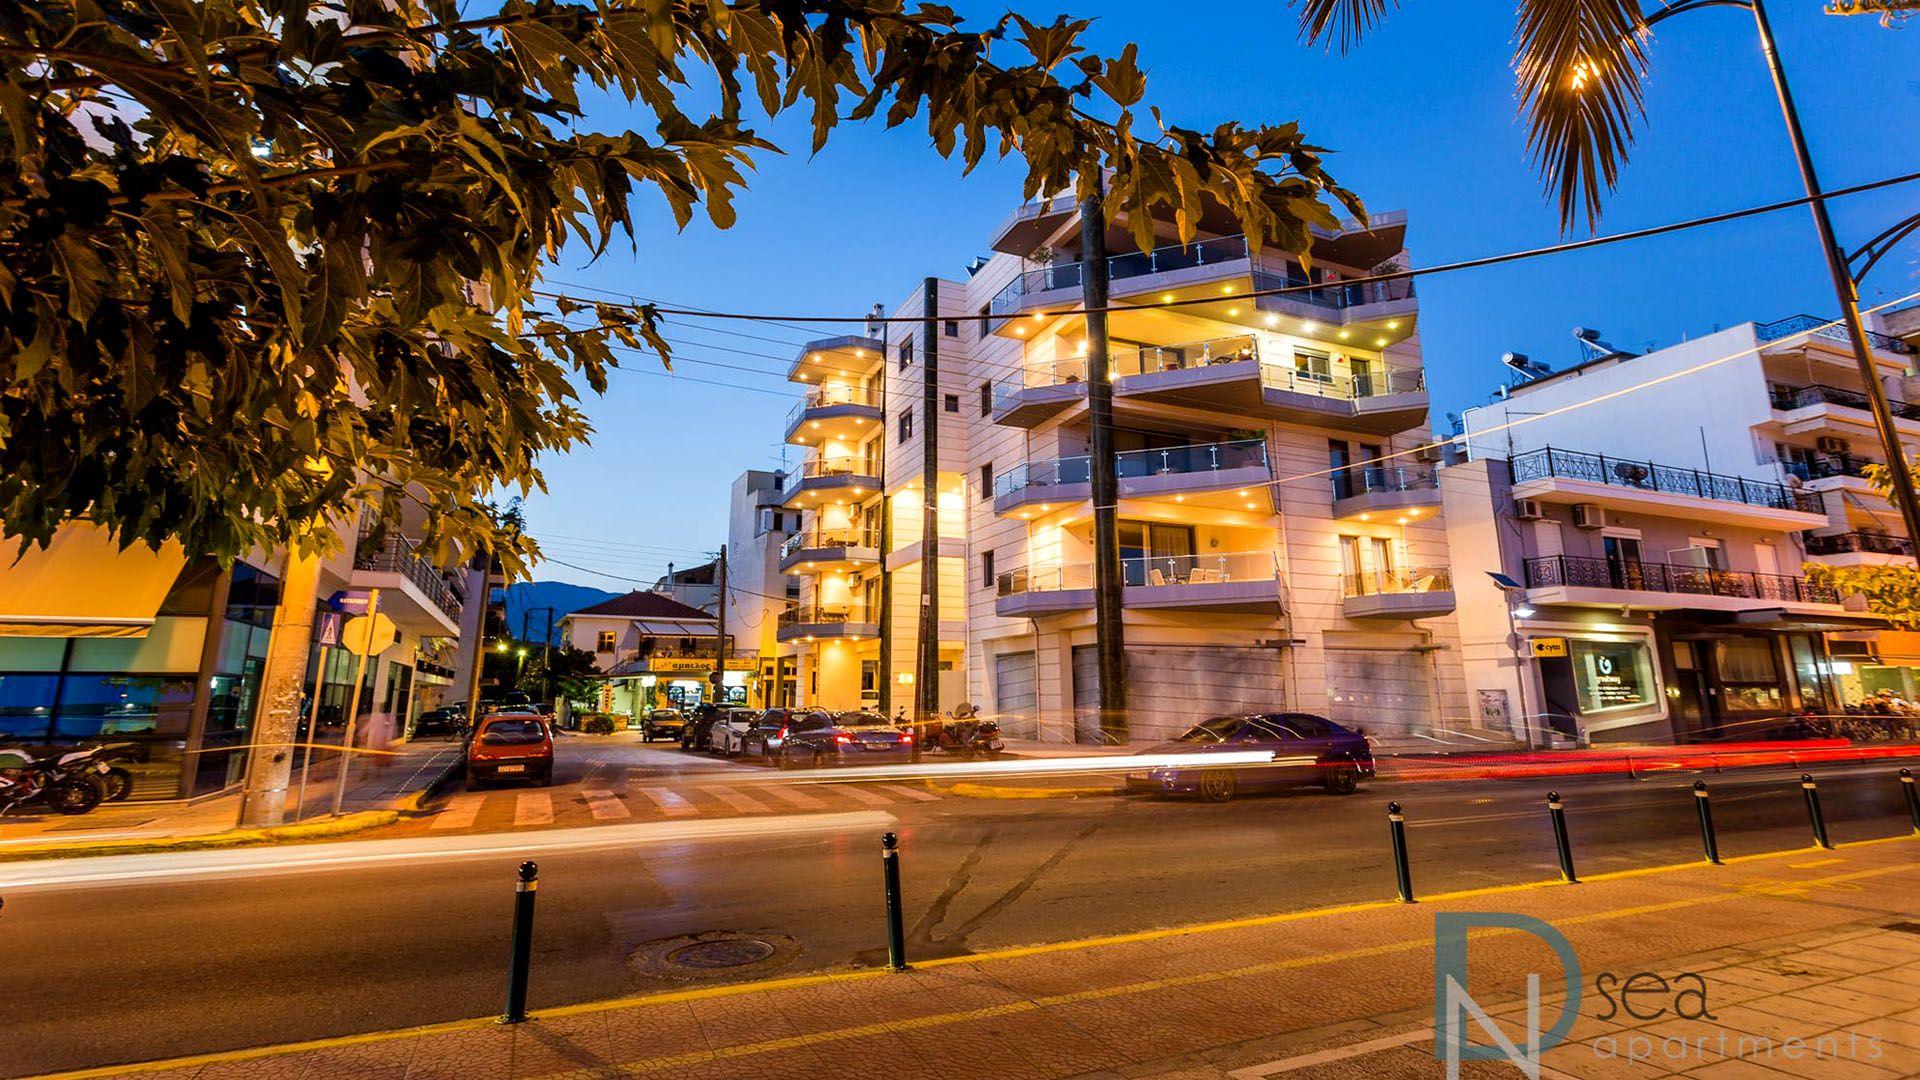 διαμονή Καλαμάτα Μεσσηνια - DN Sea Apartments